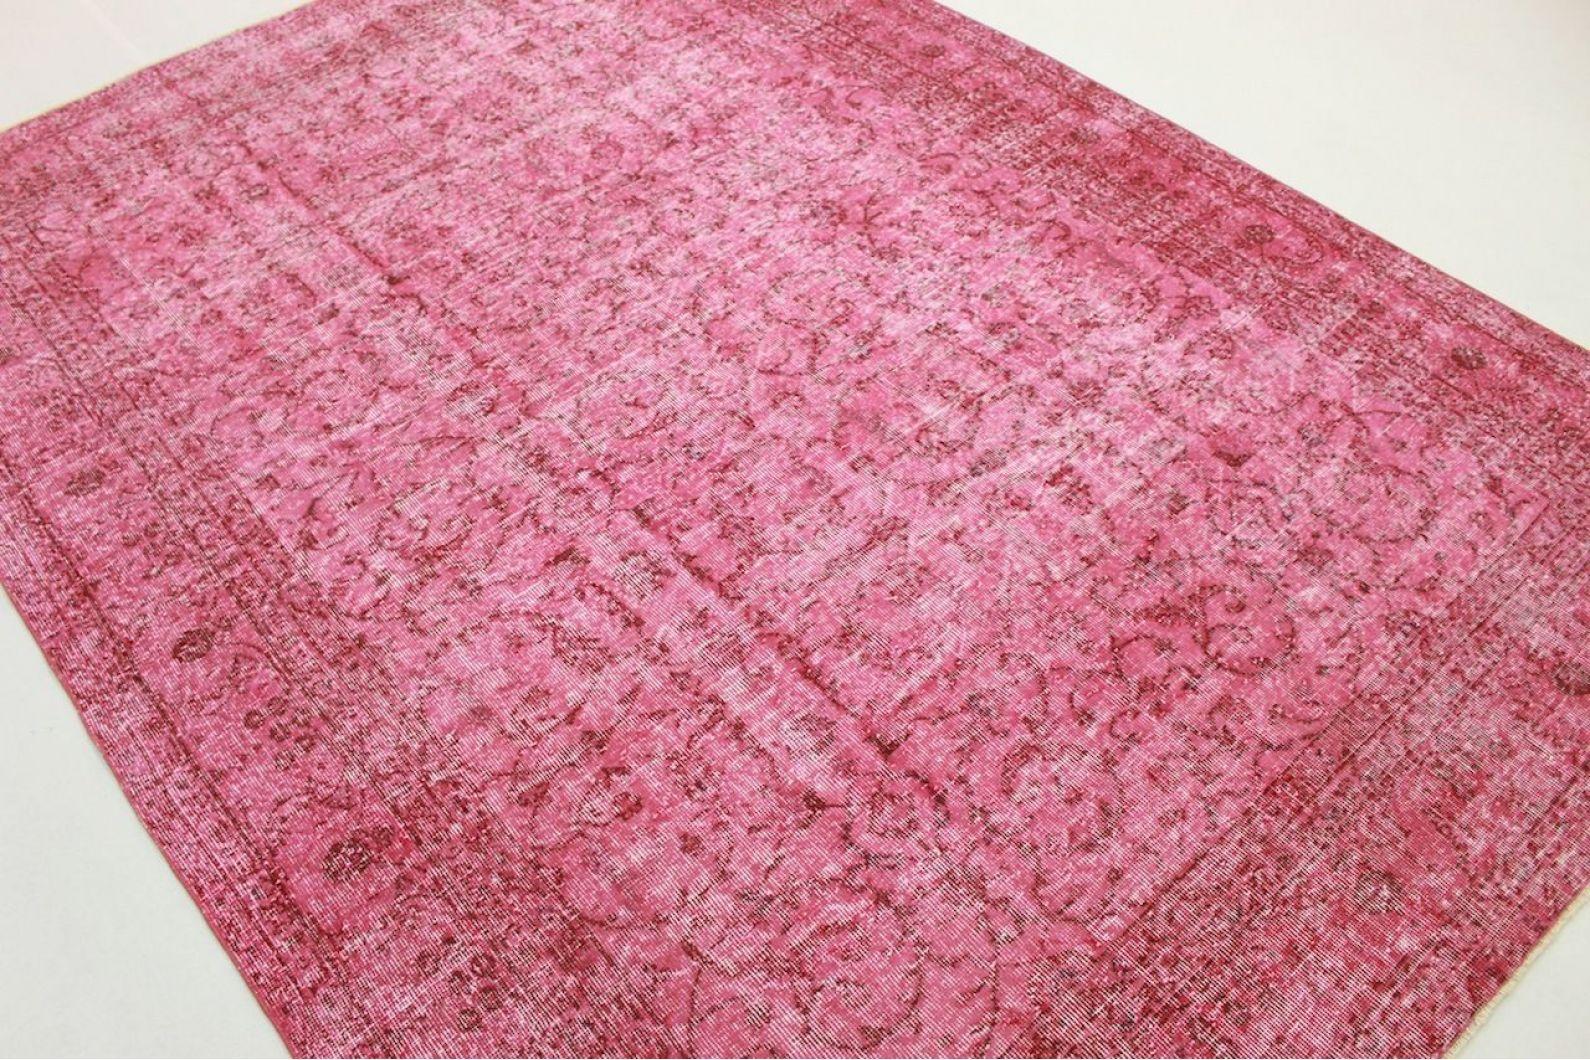 vintage teppich pink in 300x220cm 1011 5110. Black Bedroom Furniture Sets. Home Design Ideas